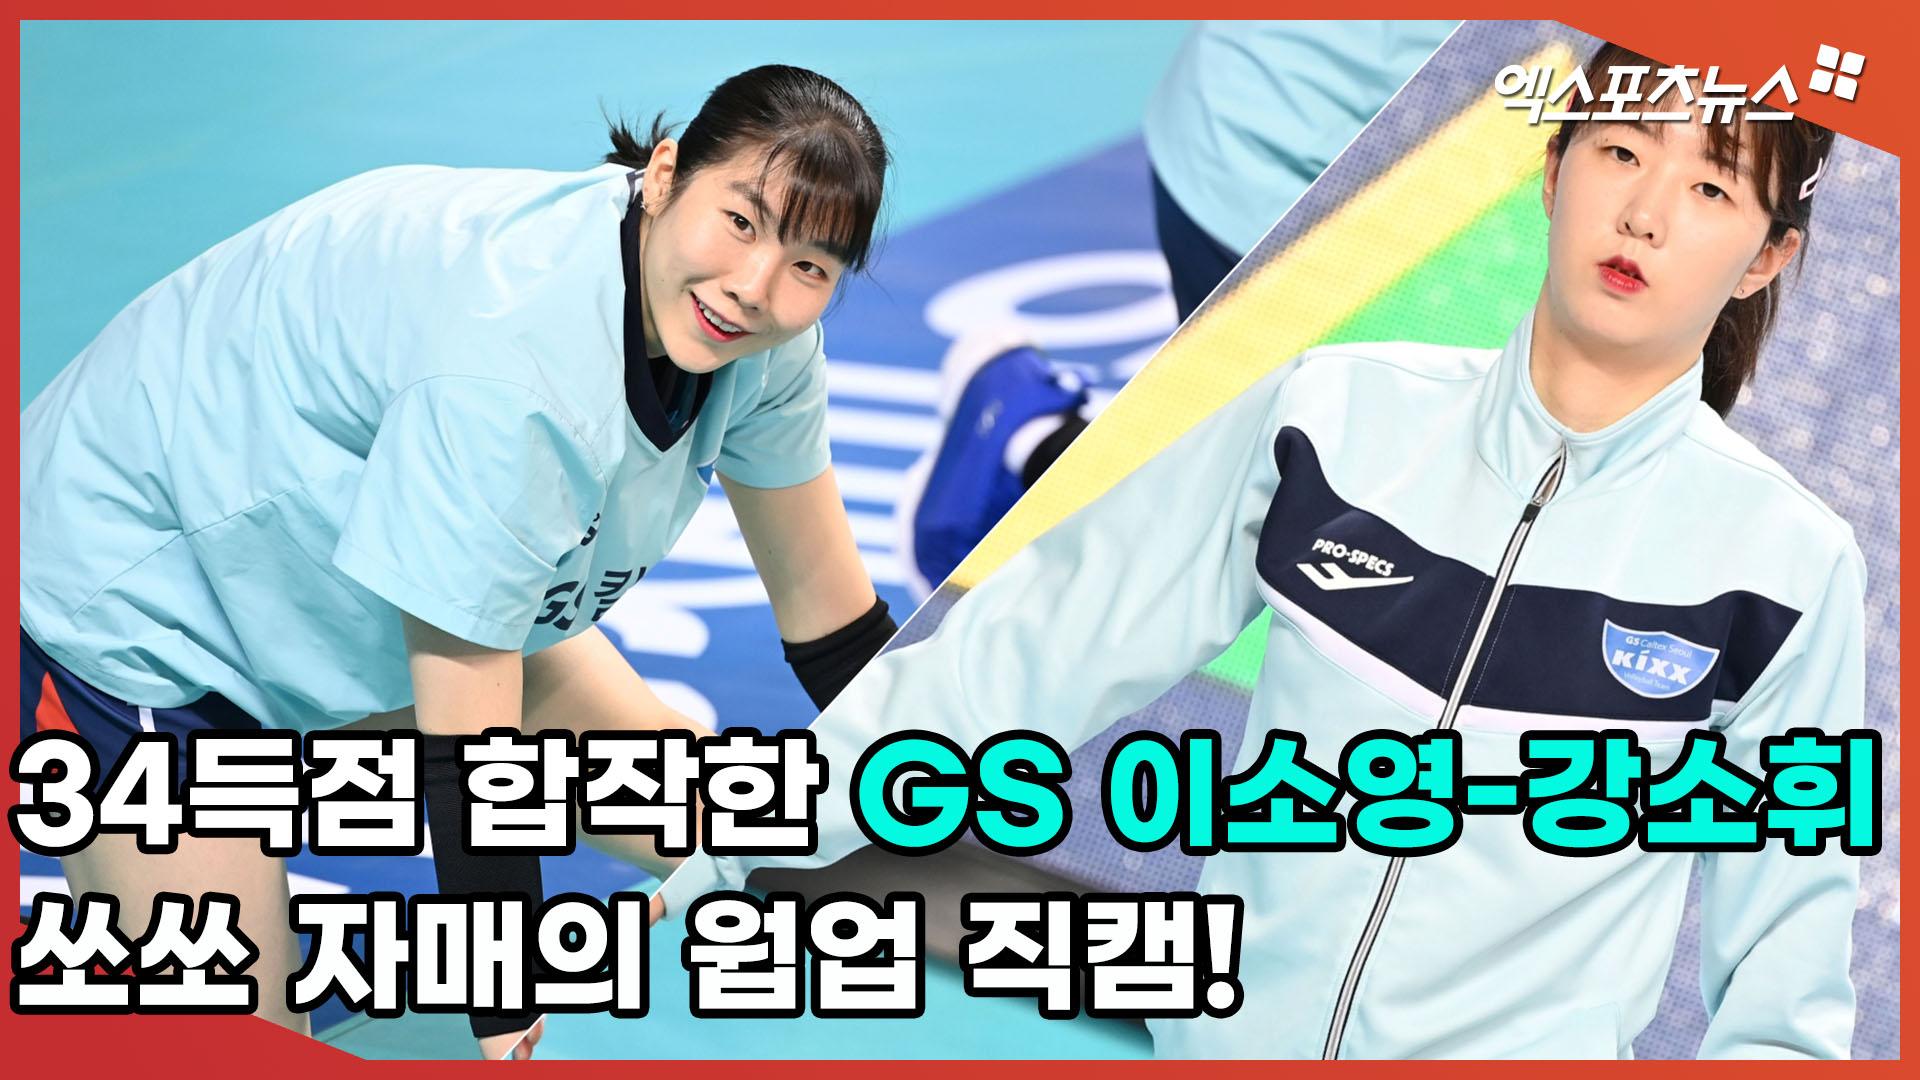 34득점 합작한 GS 이소영-강소휘, 쏘쏘 자매의 경기전 웜업 직캠! [엑's 스케치]